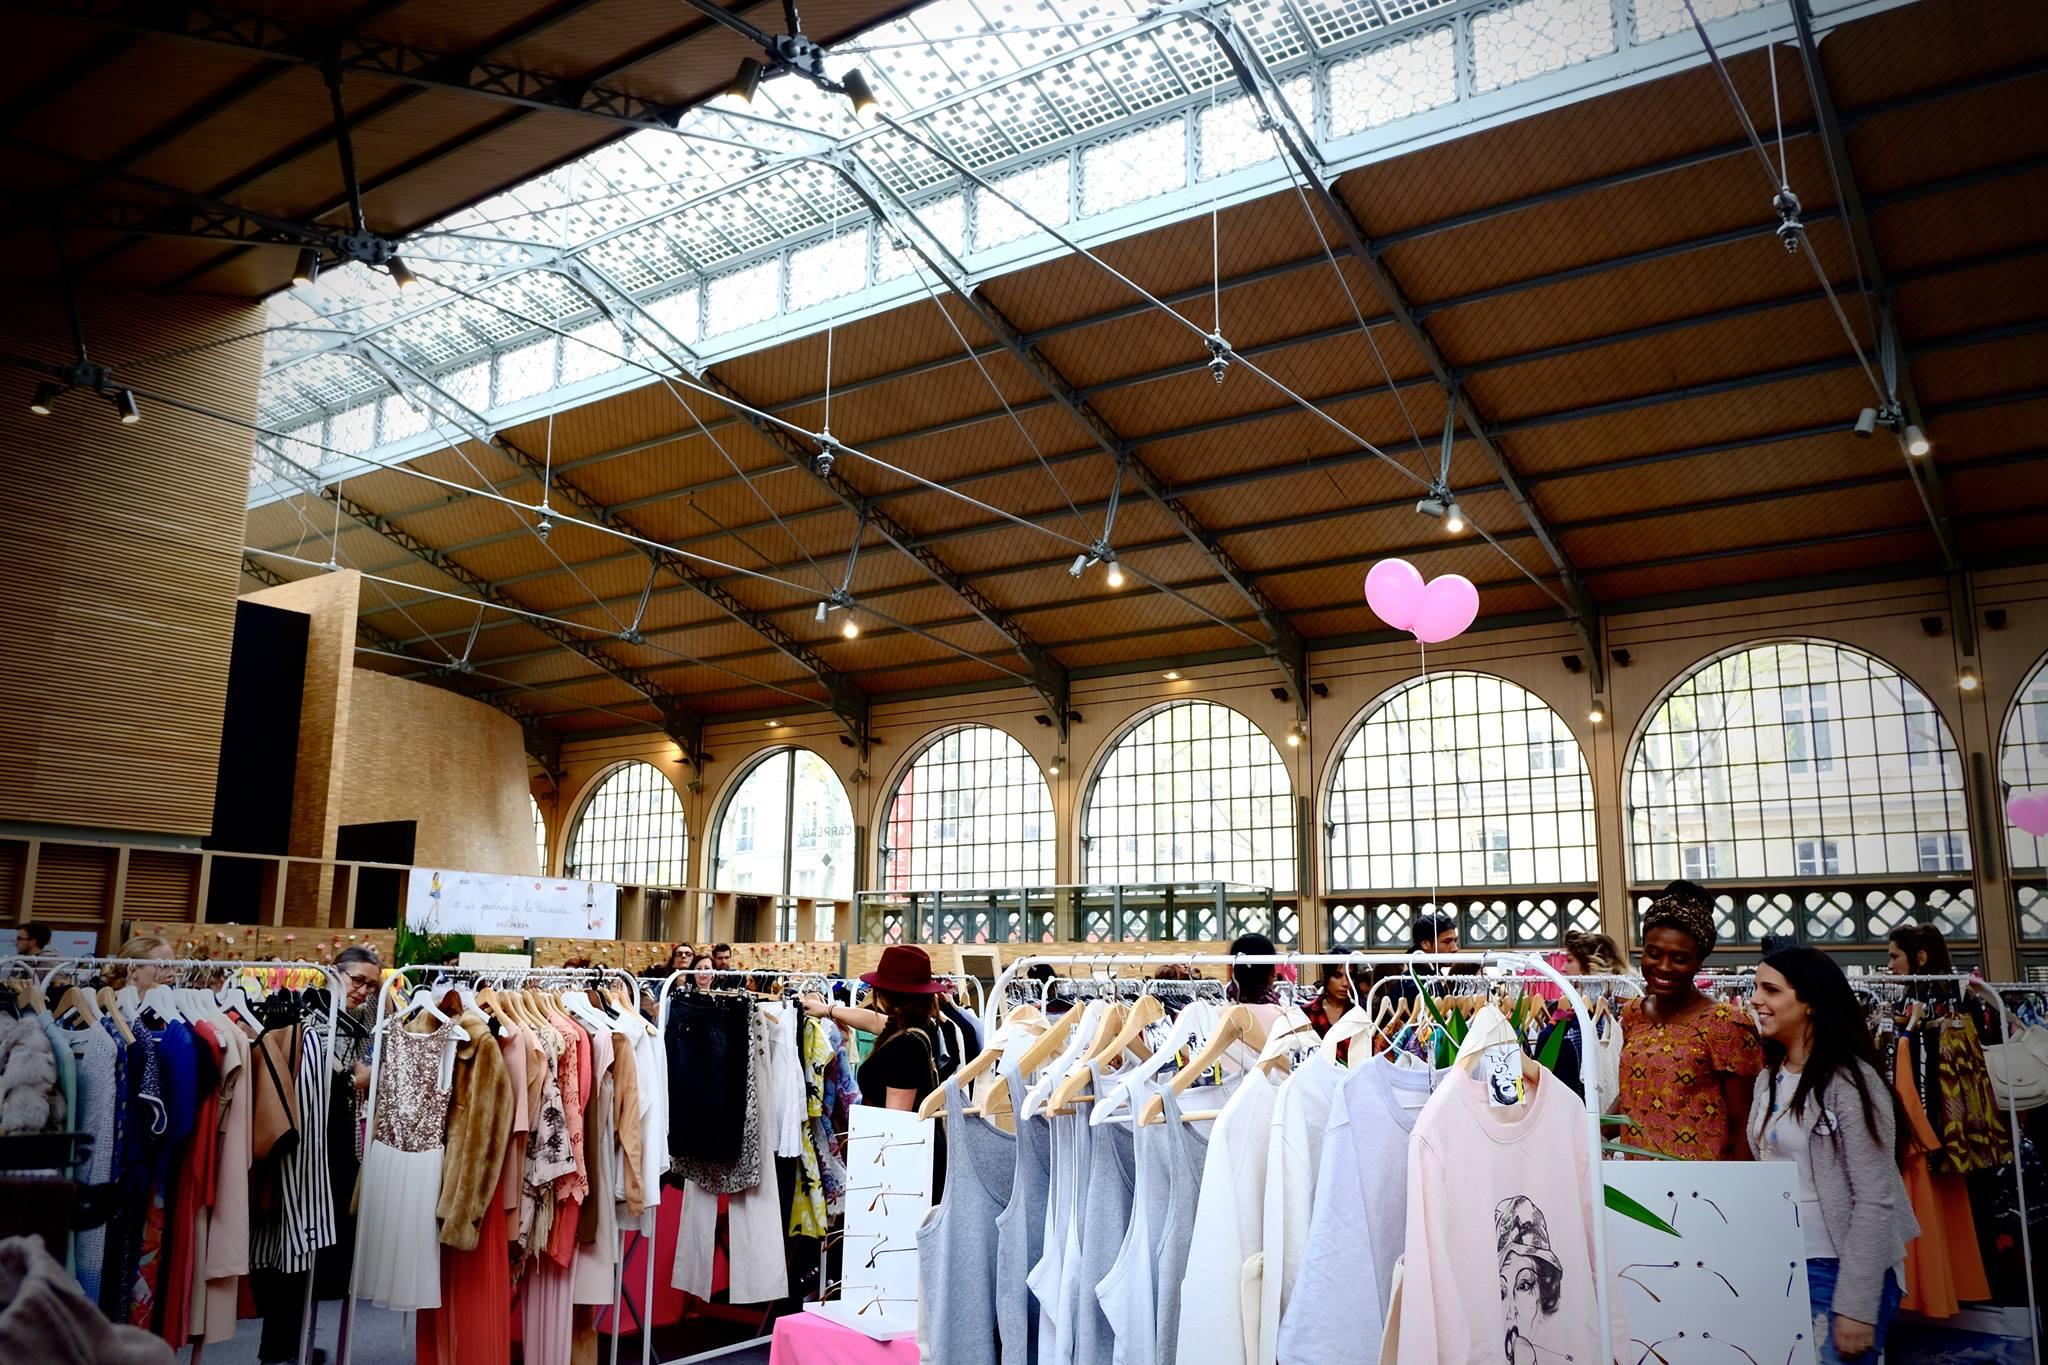 Fashion Flea Market Carreau du Temple